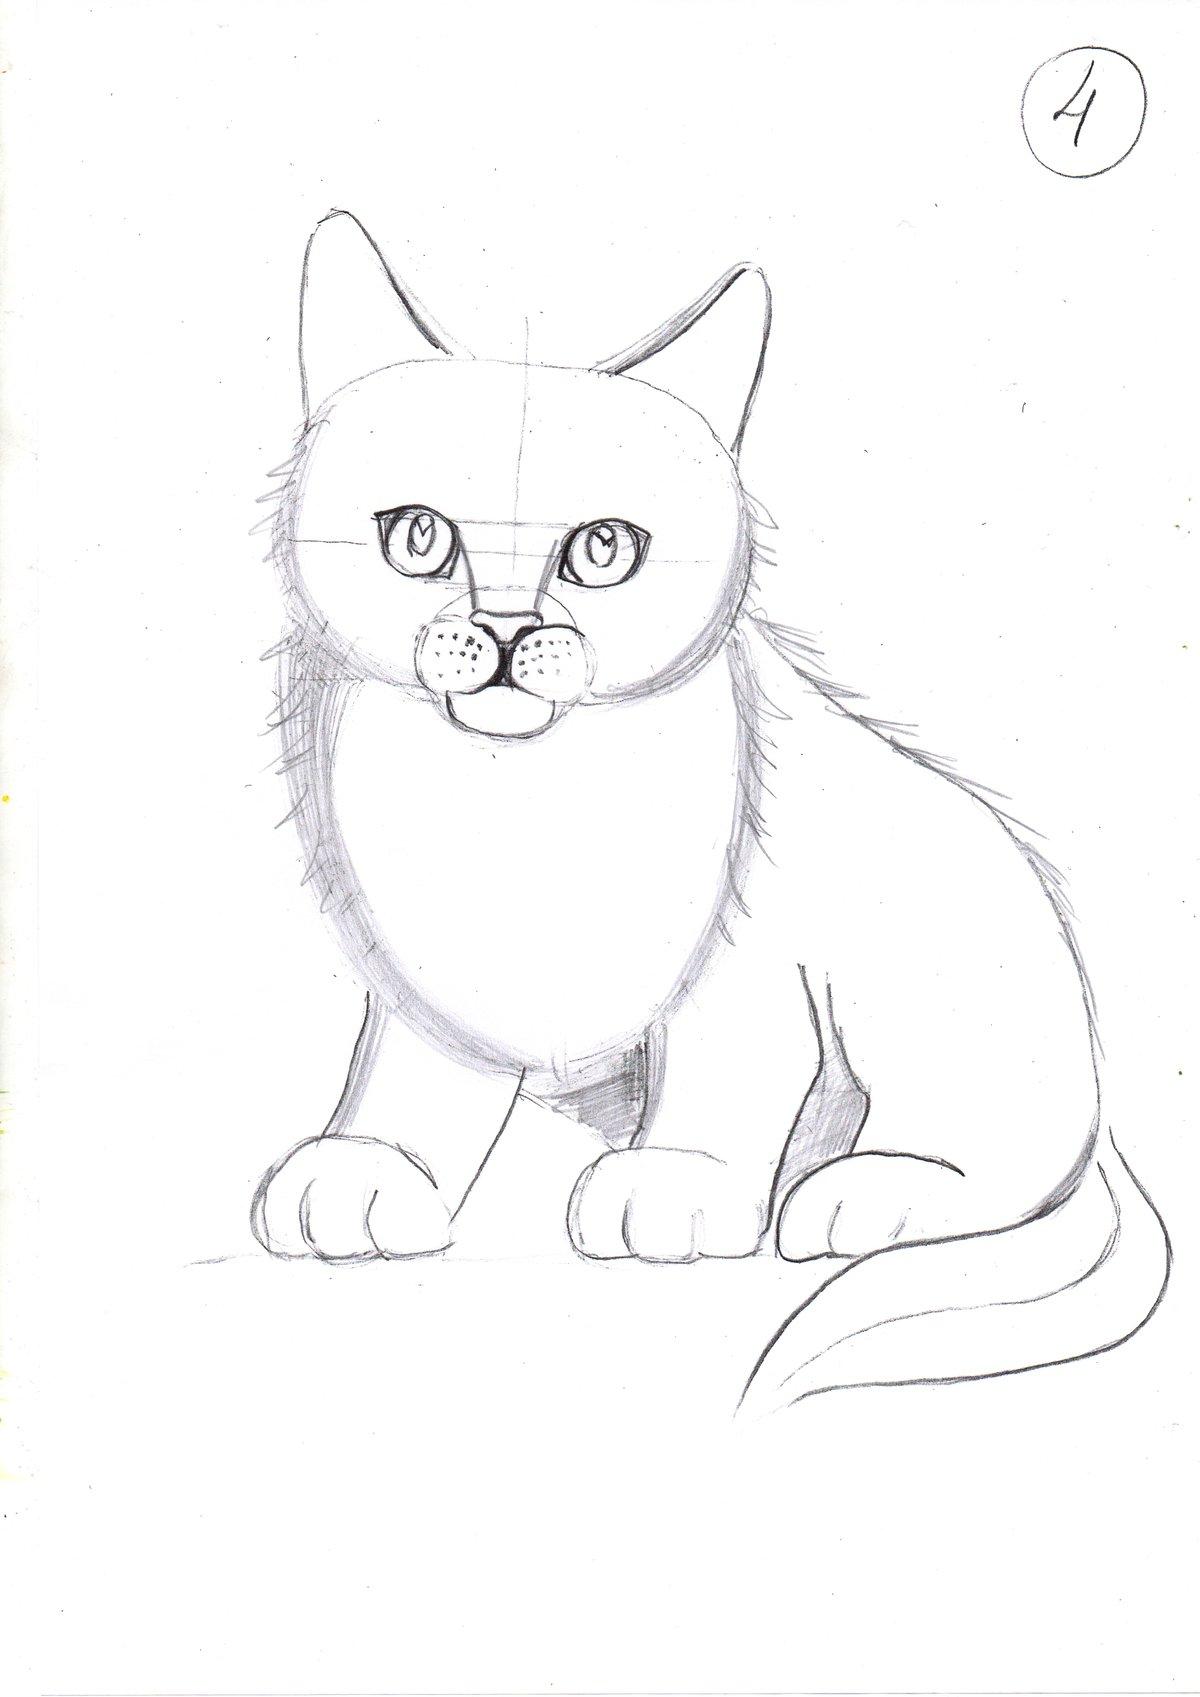 смотреть рисунки карандашом для начинающих животные если